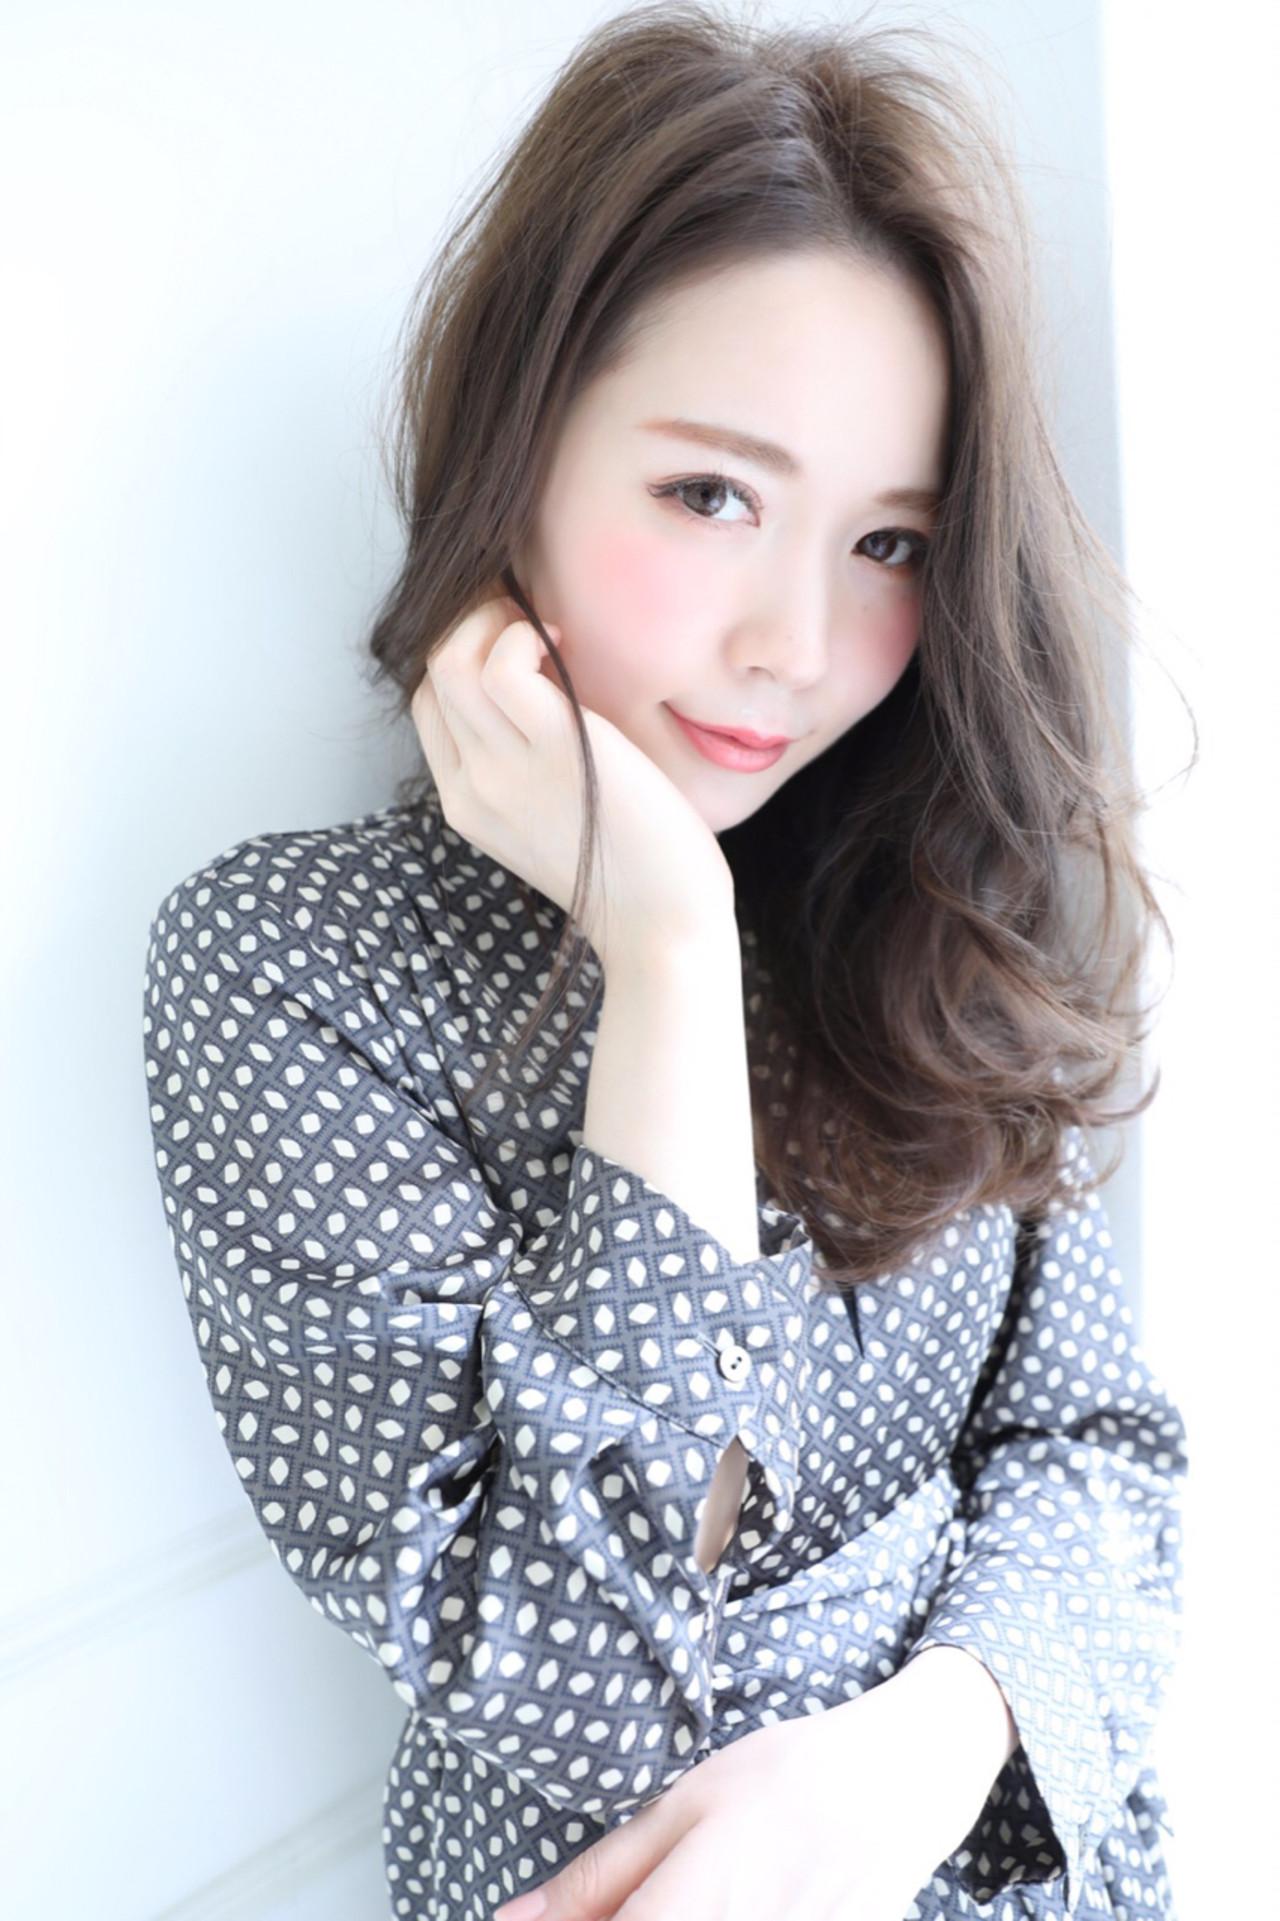 セミロング デート 上品 エレガント ヘアスタイルや髪型の写真・画像 | 高橋 アリサ /